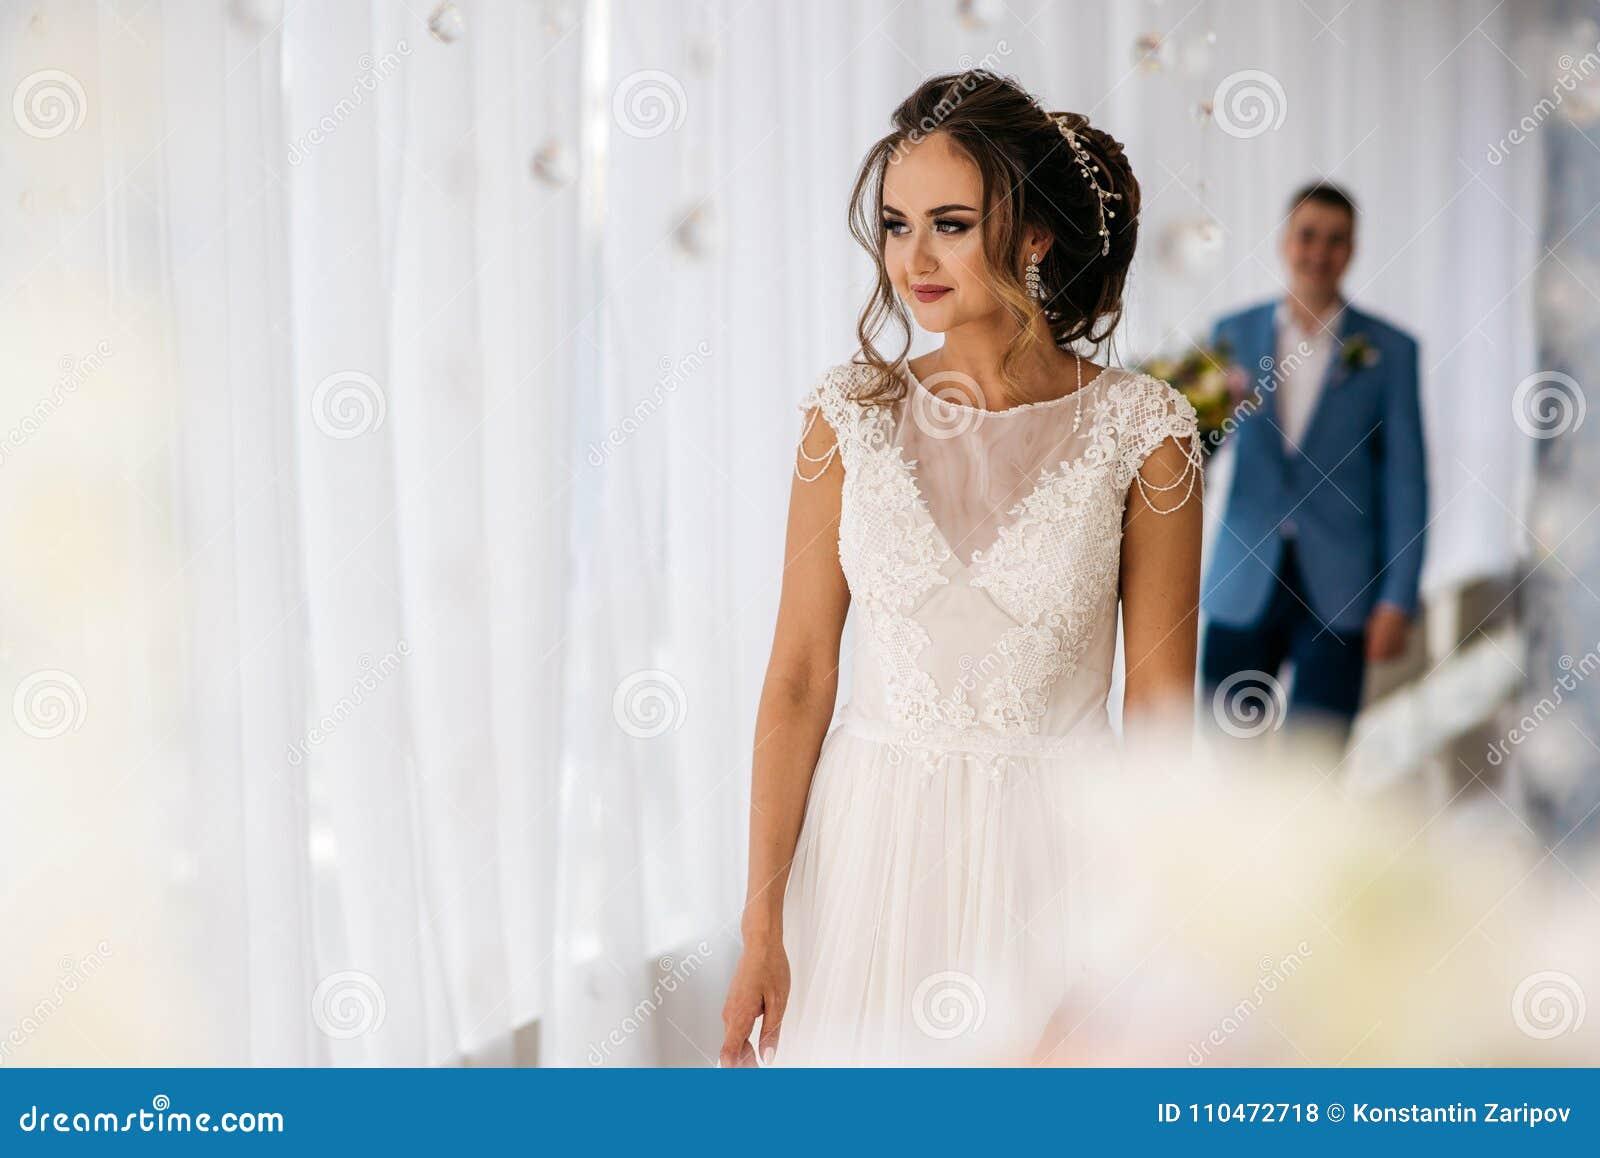 Rencontres extra conjugales : homme marié cherche femme mariée sur internet - Marie Claire